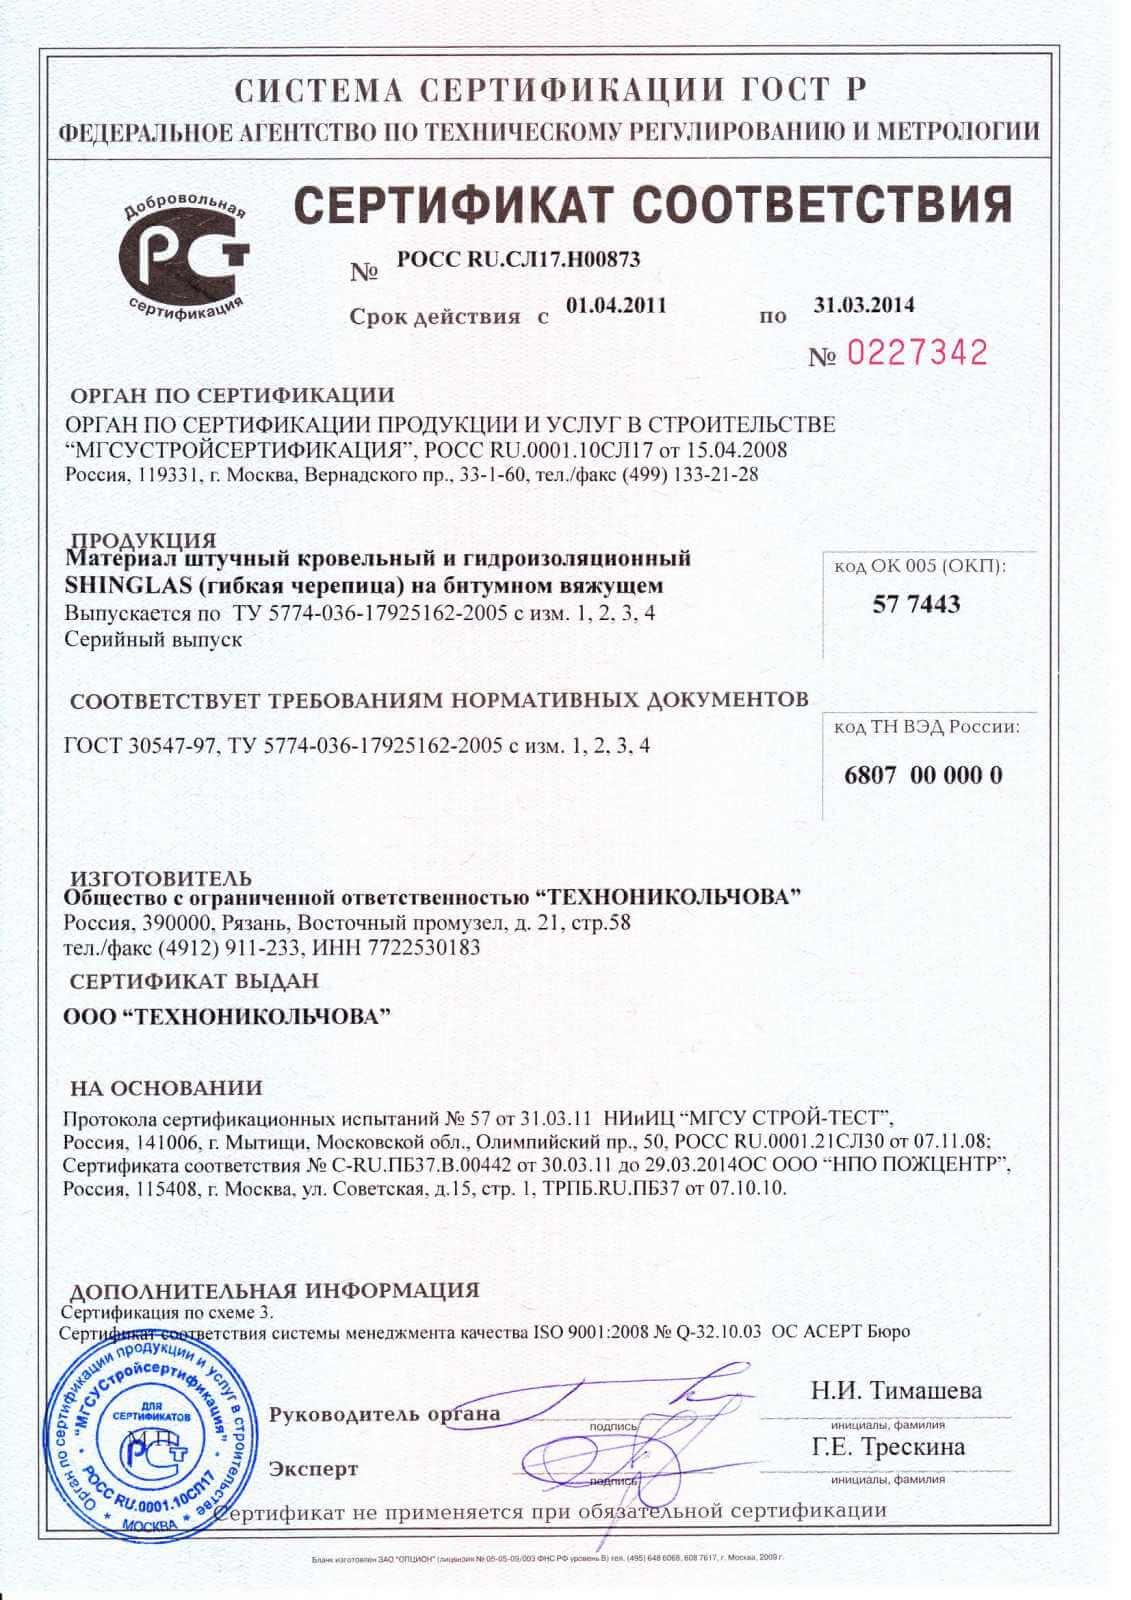 Сертификат соответствия Шинглас